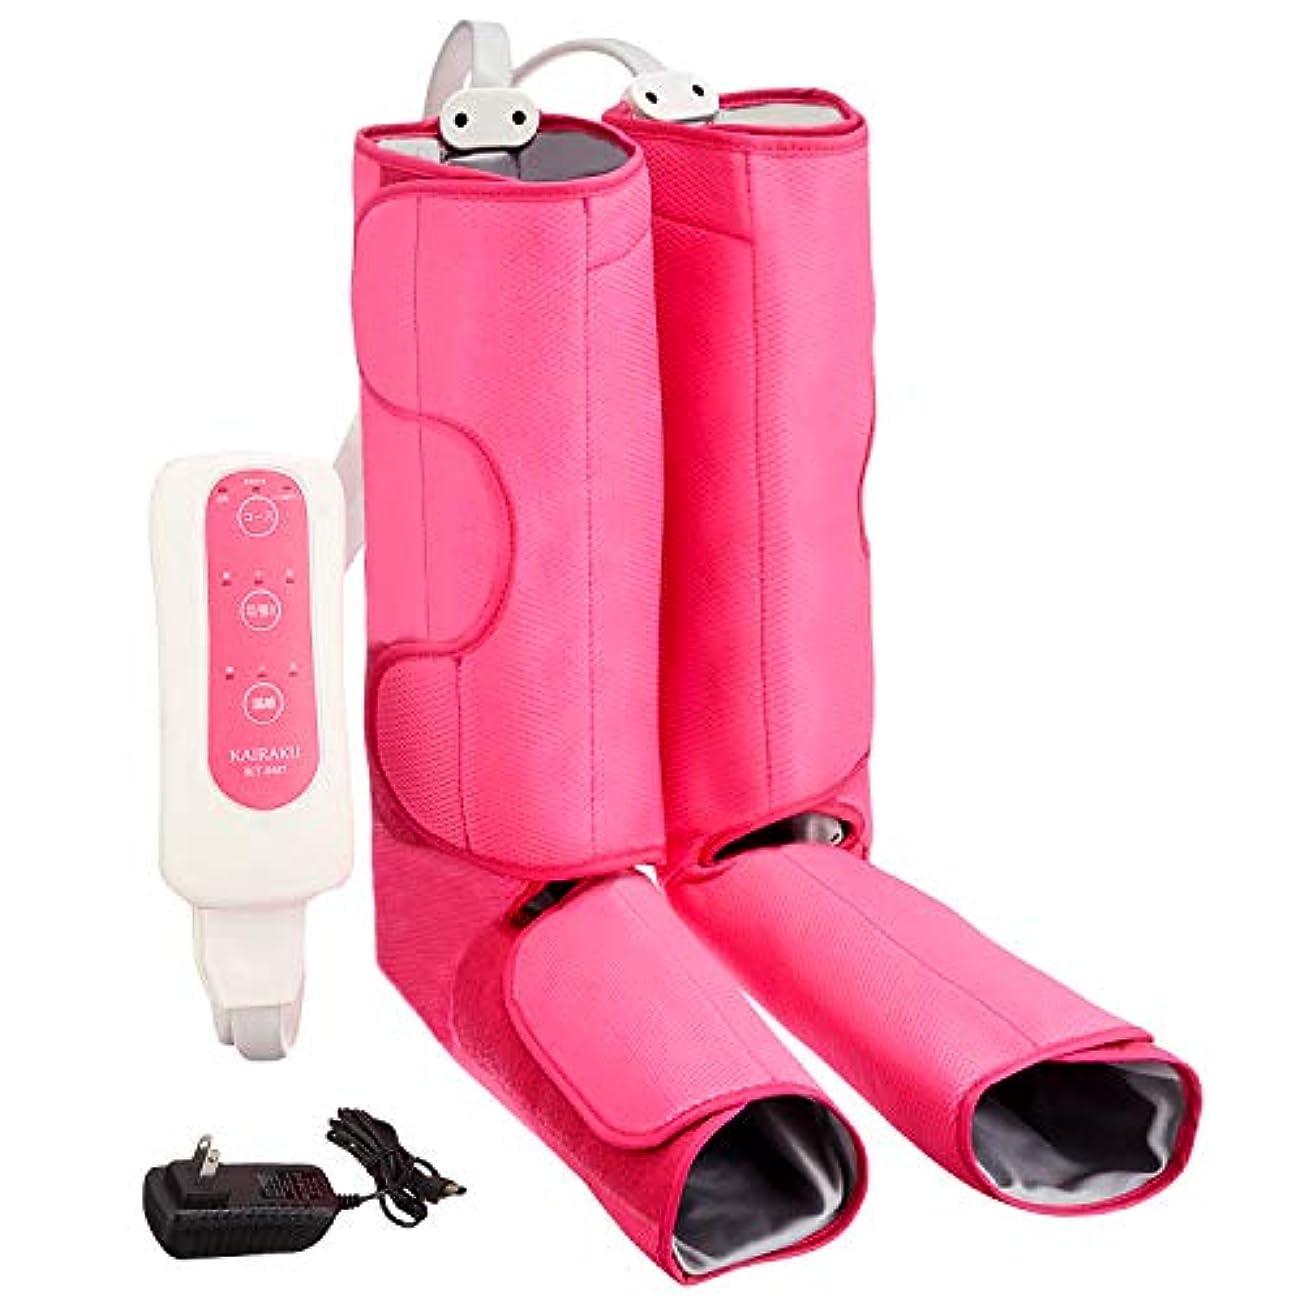 スペース読書サラミエアーマッサージャー  3つのマッサージコースを 温感機能搭載フット循環血行促進マッサージ マッサージフットケア 空気圧縮 疲労回復 筋肉痛の痛みの緩解 家庭用